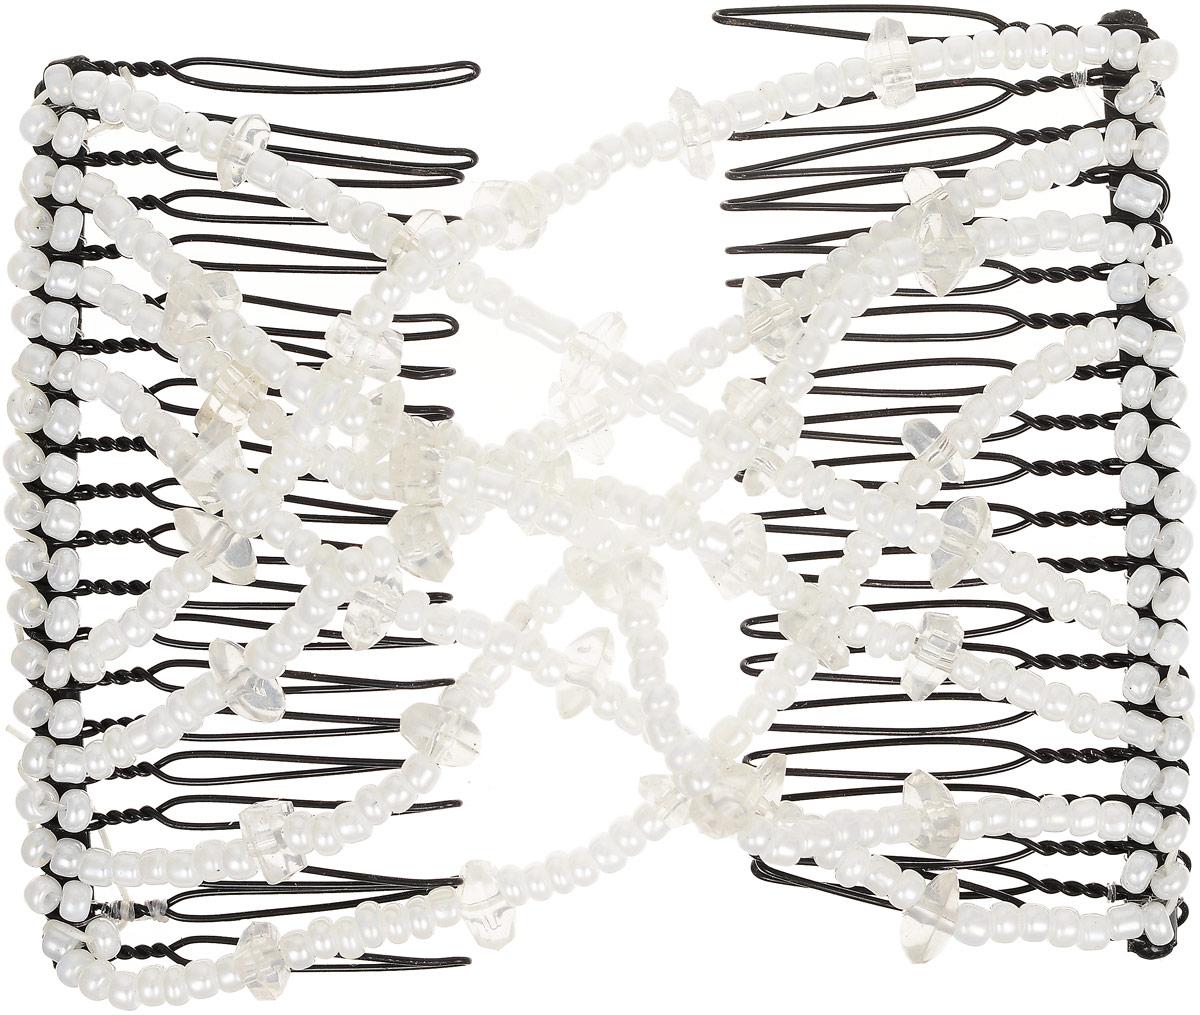 EZ-Combs Заколка Изи-Комбс, одинарная, цвет: белый. ЗИО_осколкиЗИО_белый/осколкиУдобная и практичная EZ-Combs подходит для любого типа волос: тонких, жестких, вьющихся или прямых, и не наносит им никакого вреда. Заколка не мешает движениям головы и не создает дискомфорта, когда вы отдыхаете или управляете автомобилем. Каждый гребень имеет по 20 зубьев для надежной фиксации заколки на волосах! И даже во время бега и интенсивных тренировок в спортзале EZ-Combs не падает; она прочно фиксирует прическу, сохраняя укладку в первозданном виде.Небольшая и легкая заколка для волос EZ-Combs поместится в любой дамской сумочке, позволяя быстро и без особых усилий создавать неповторимые прически там, где вам это удобно. Гребень прекрасно сочетается с любой одеждой: будь это классический или спортивный стиль, завершая гармоничный облик современной леди. И неважно, какой образ жизни вы ведете, если у вас есть EZ-Combs, вы всегда будете выглядеть потрясающе.